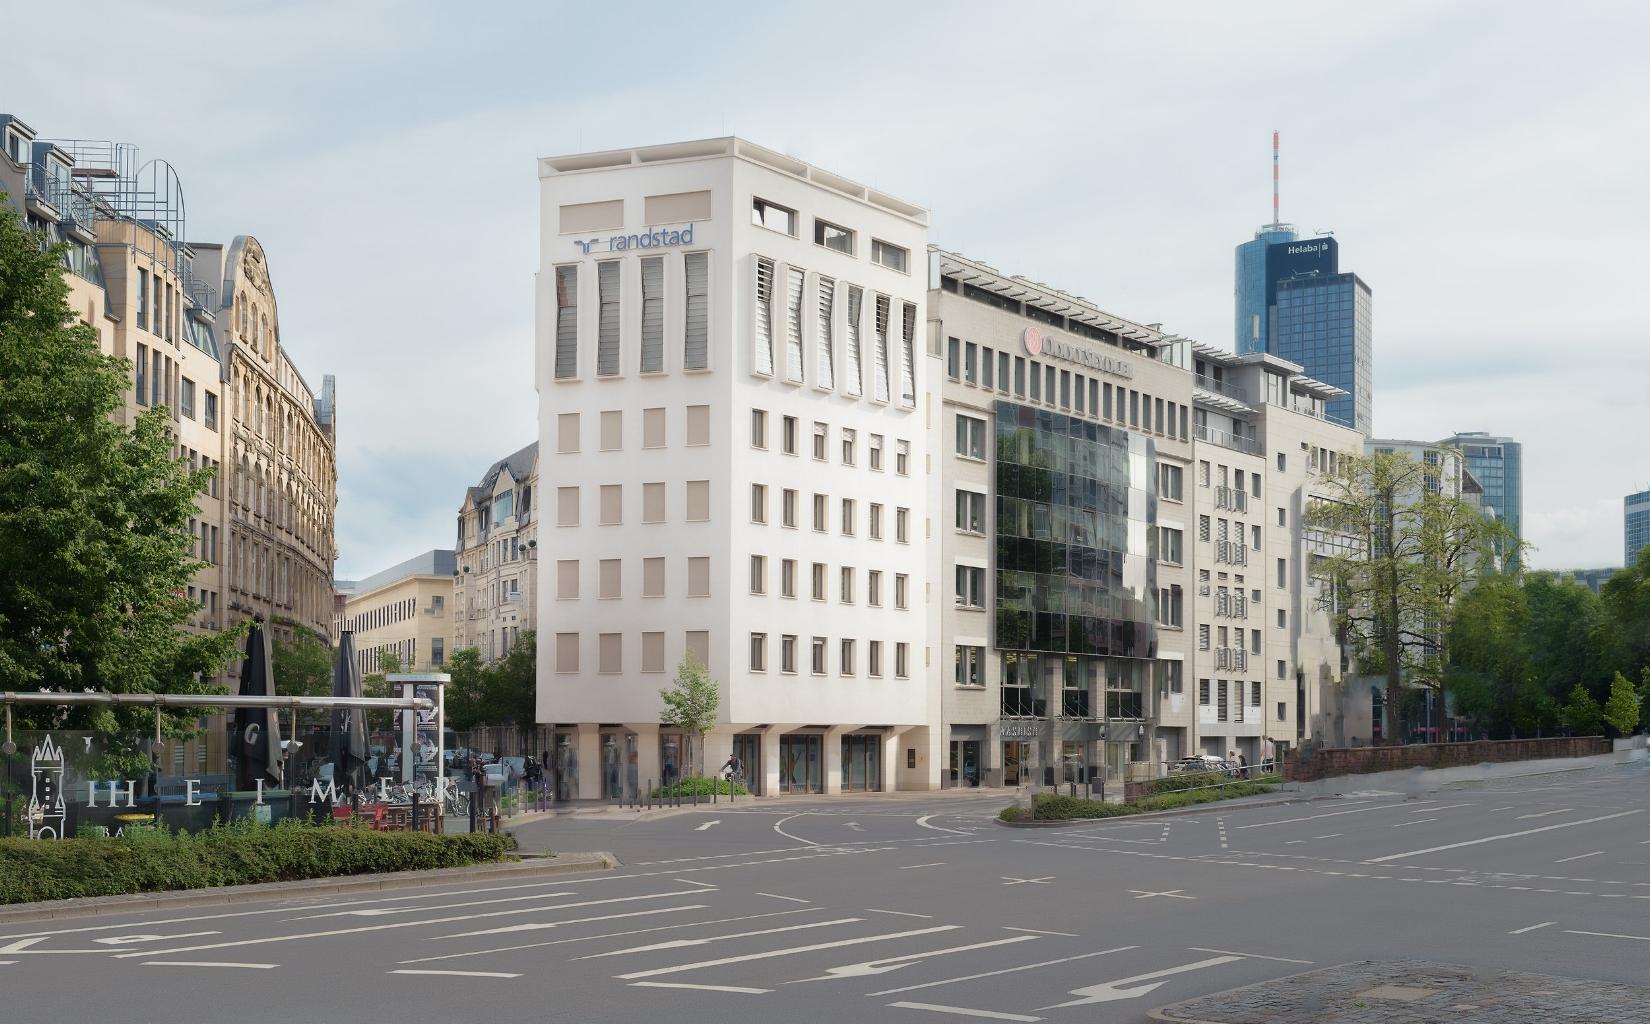 Immobilienfotograf Frankfurt: Fotograf für Gewerbeimmobilien